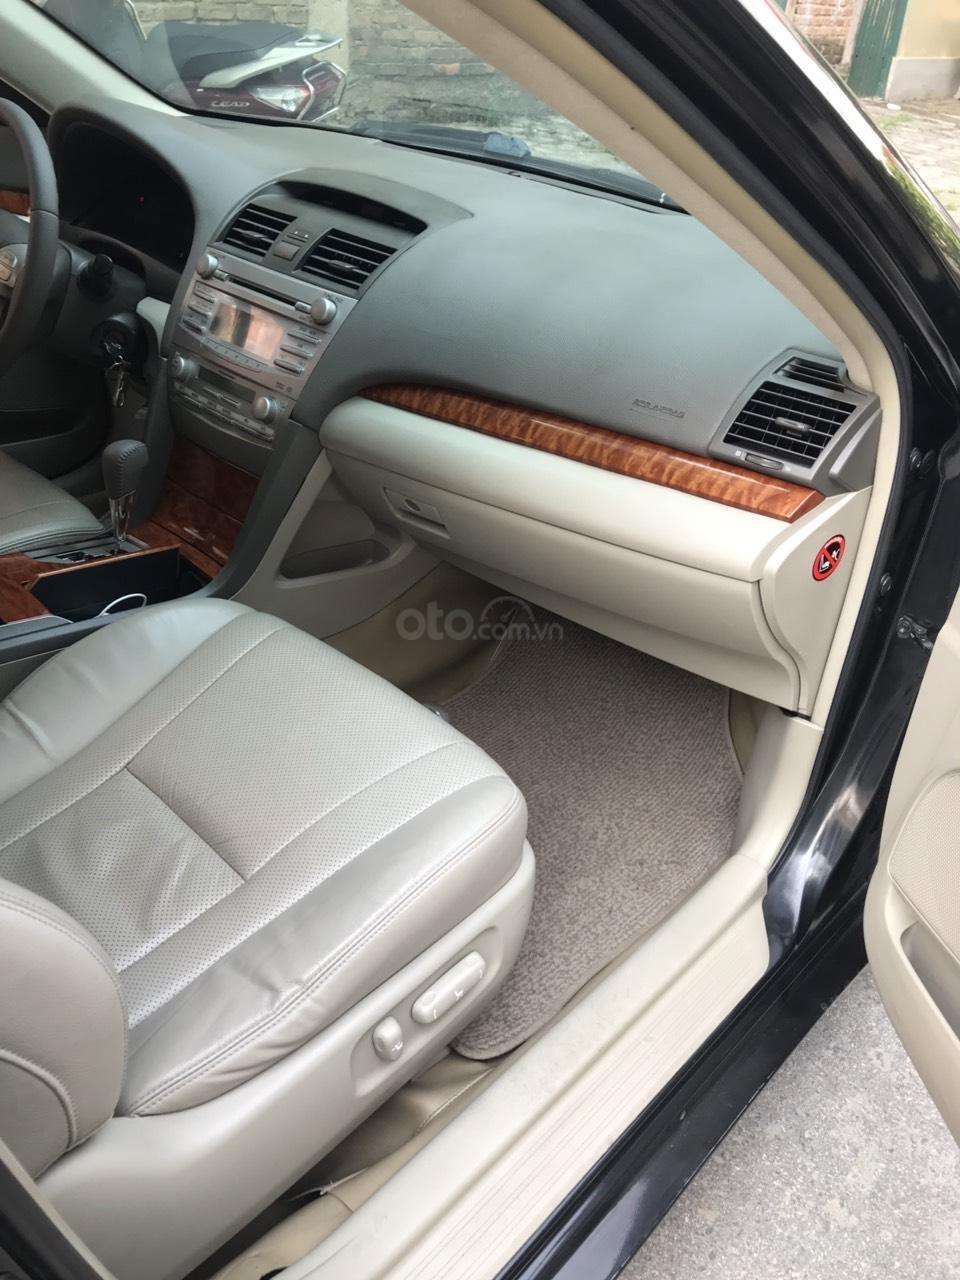 Chính chủ bán xe Camry 2.4G sản xuất và đăng ký năm 2010 (3)